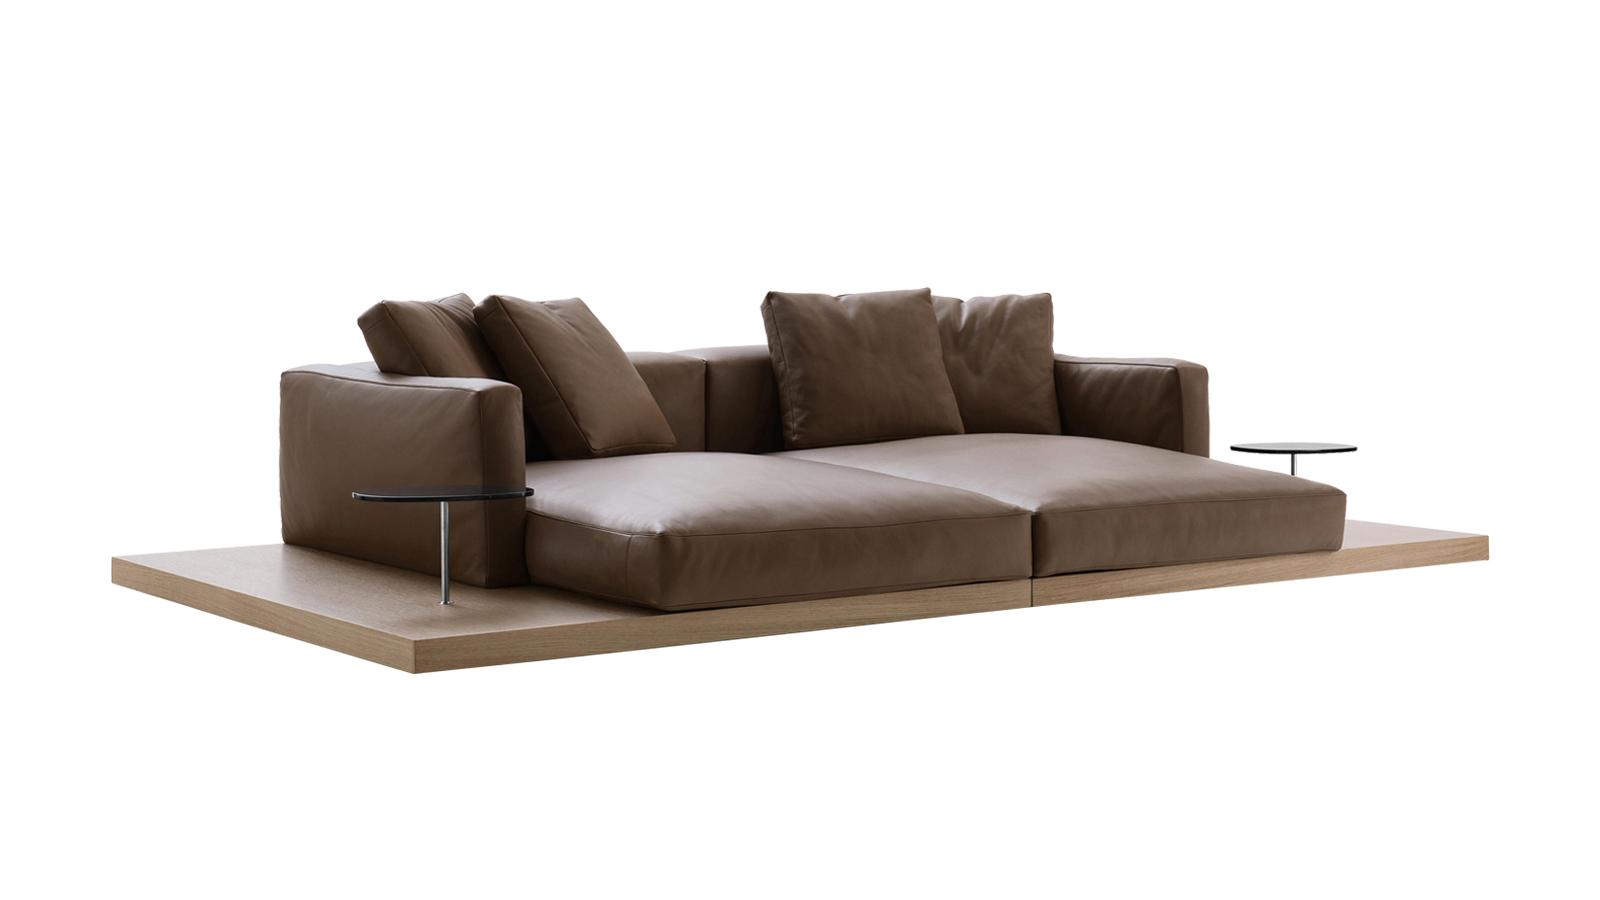 Piero Lissoni kanapérendszere az otthon biztonságos kikötője. A Dock alapját fa platform szolgáltatja, szilárdságát a rajta nyugvó puha párnakompozíció töri meg. A mozgatható ülések és párnák pihenésre szánt terek egész sorát ajánlják fel, akár kényelmes kartámaszt is elhelyezhetünk közöttük. A prémium anyaghasználat olyan puhaságot kölcsönöz a kanapénak, hogy úgy érezhetjük, lágyan ringat minket.